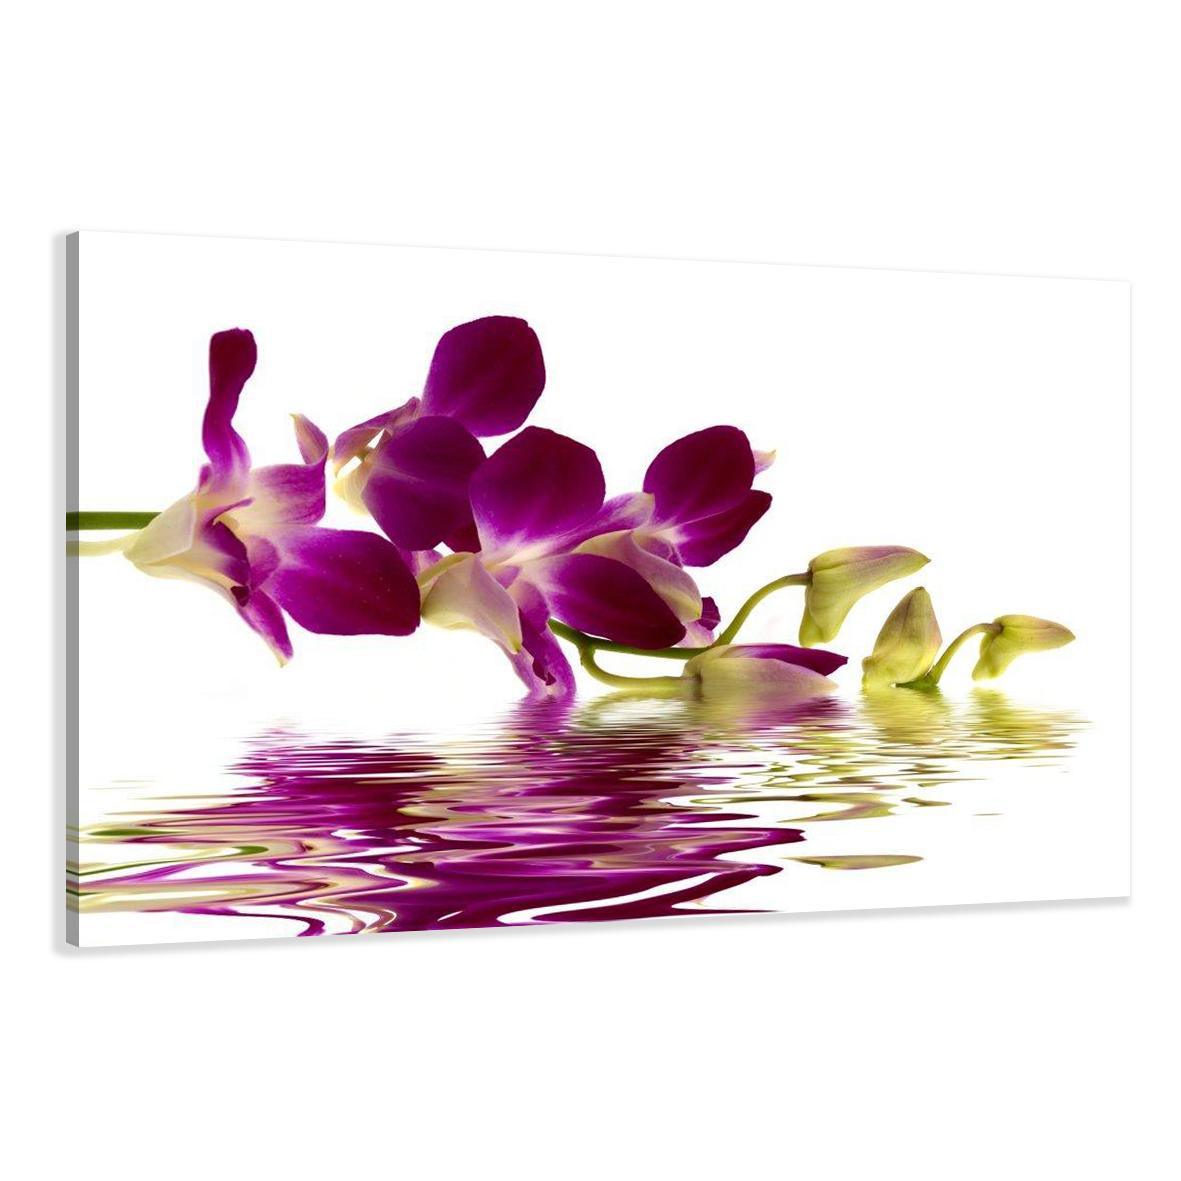 bilder auf rahmen gespannt 80x60 cm einteilig kunstdrucke marke visario 1574 d2 ebay. Black Bedroom Furniture Sets. Home Design Ideas